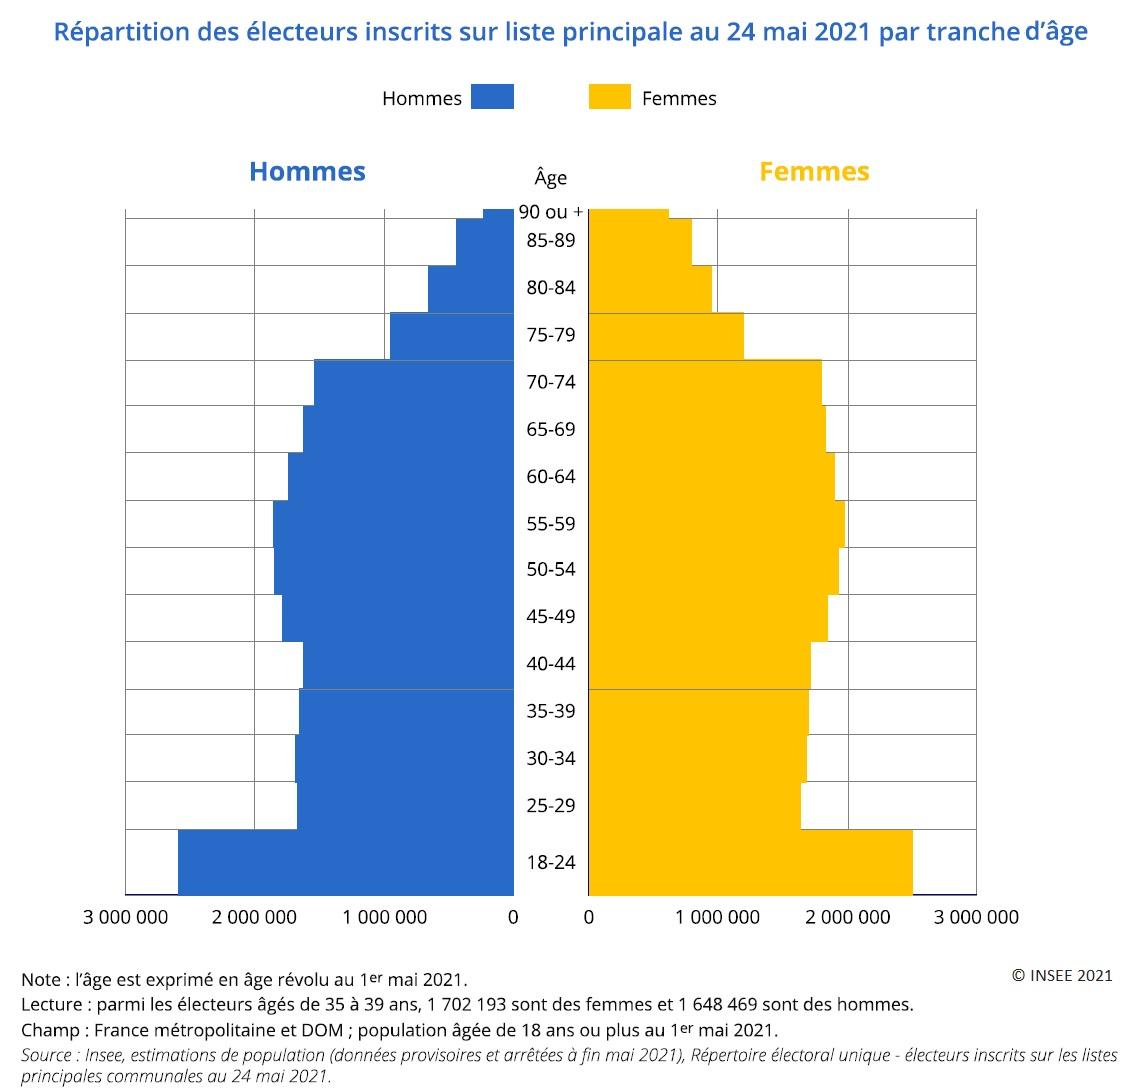 Graphique : Répartition des électeurs inscrits sur liste principale au 24 mai 2021 par tranche d'âge